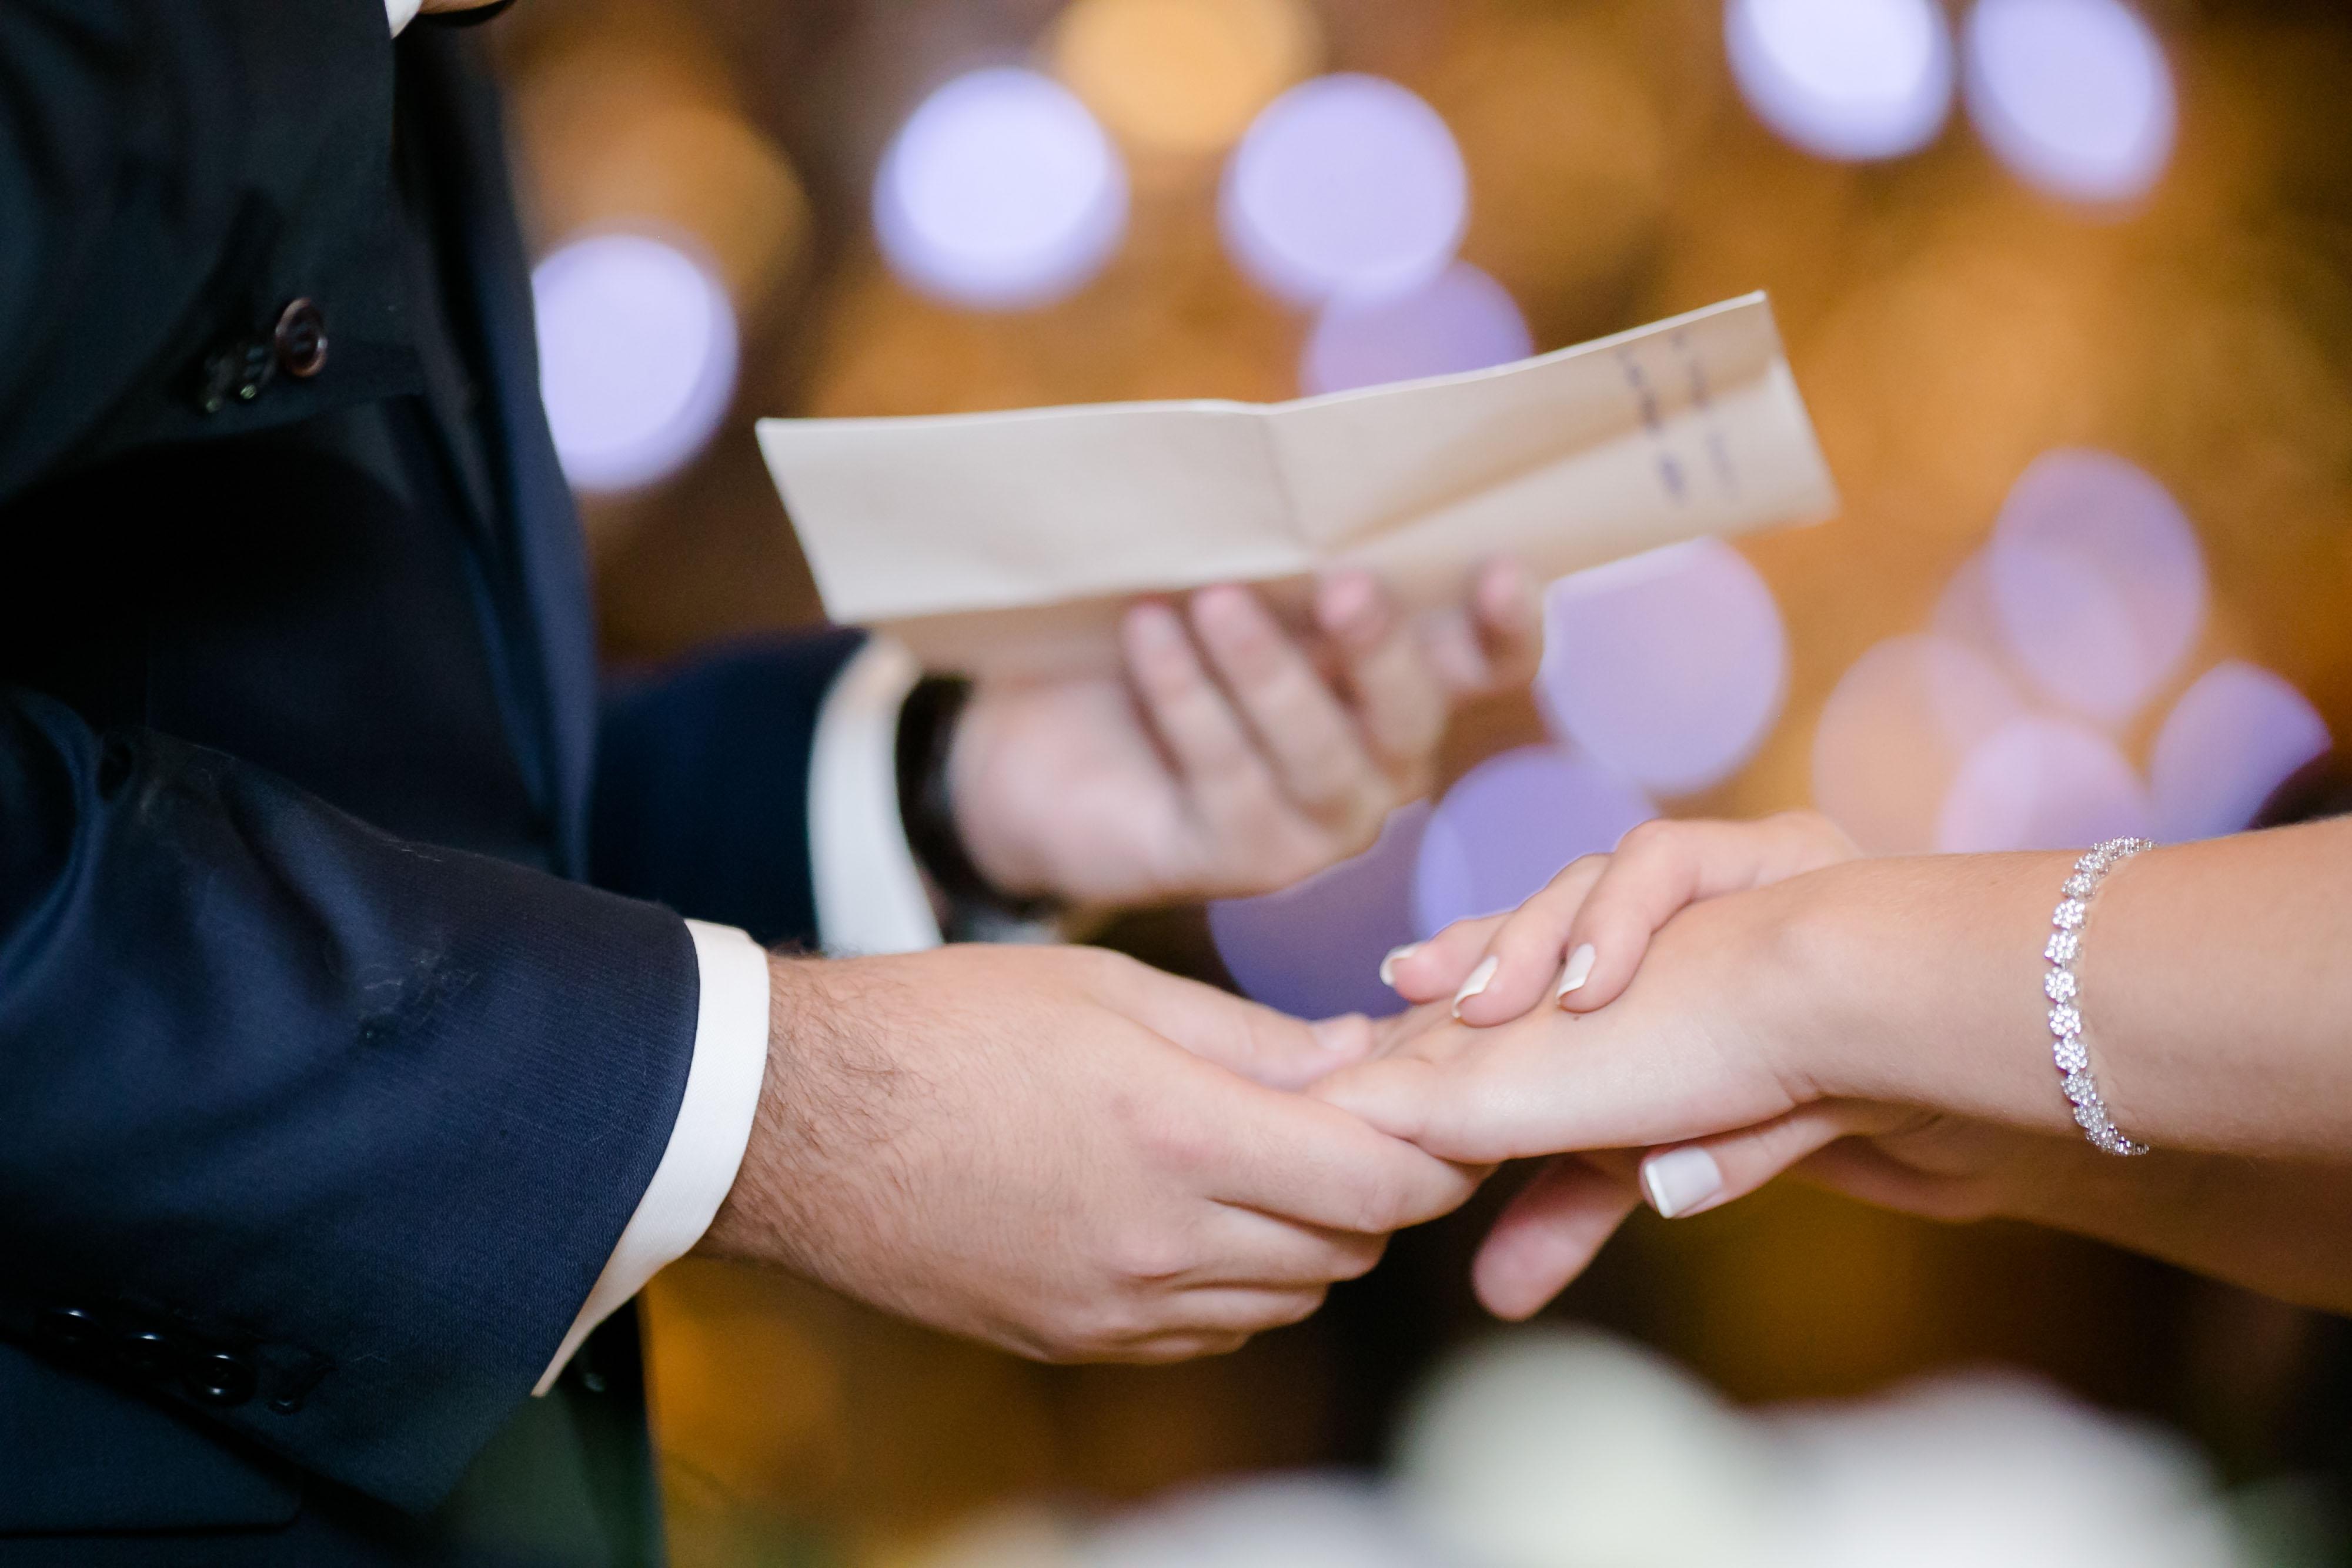 Votos de casamento: como fazer?